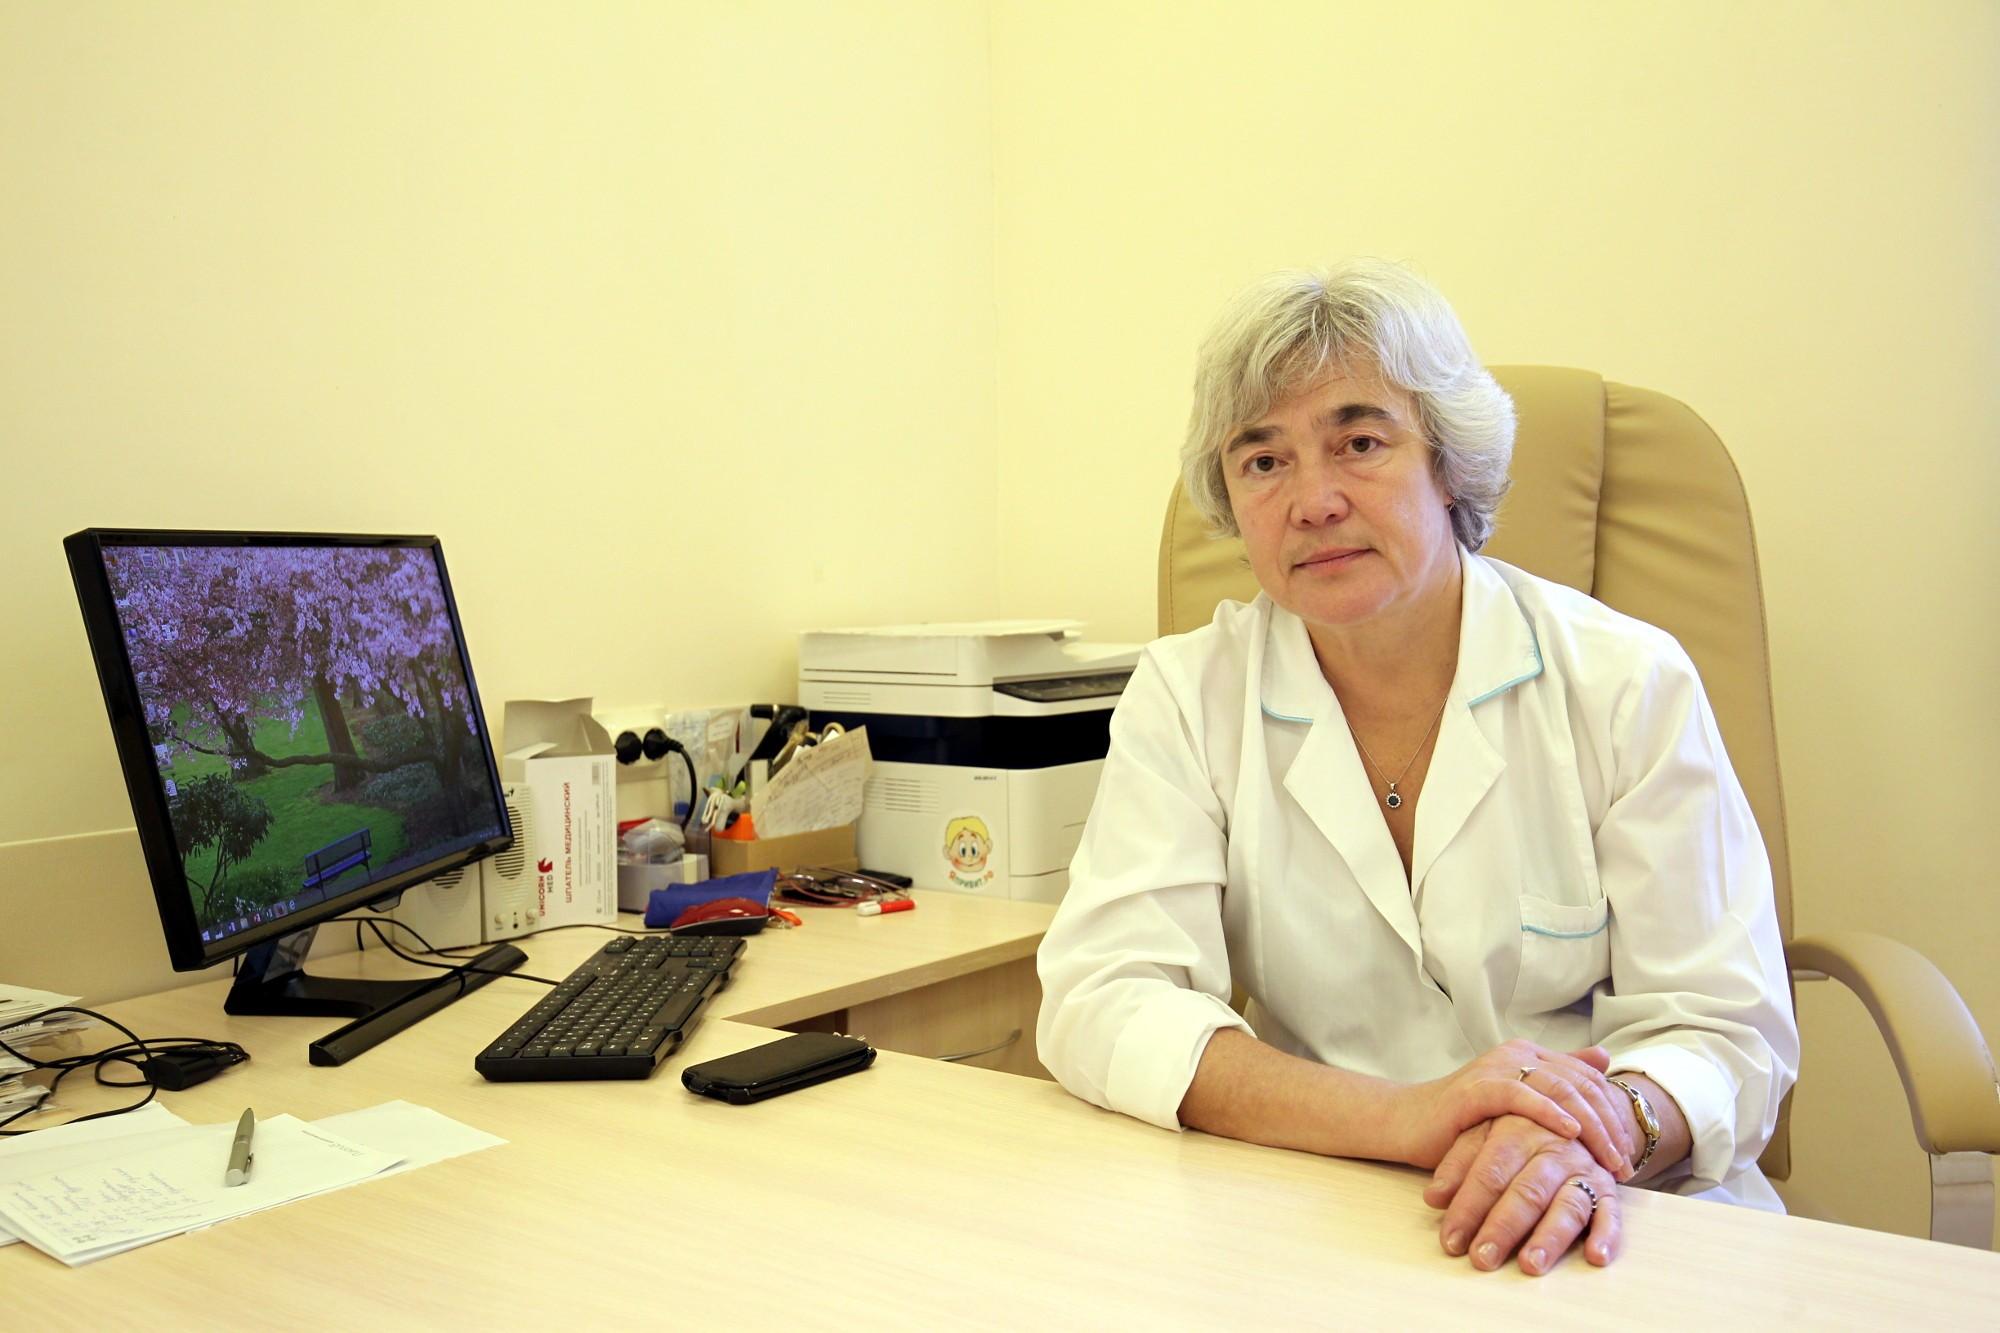 Сусанна Харит руководитель отдела профилактики инфекционных заболеваний ФГБУ Детский научно-клинический центр инфекционных болезней ФМБА